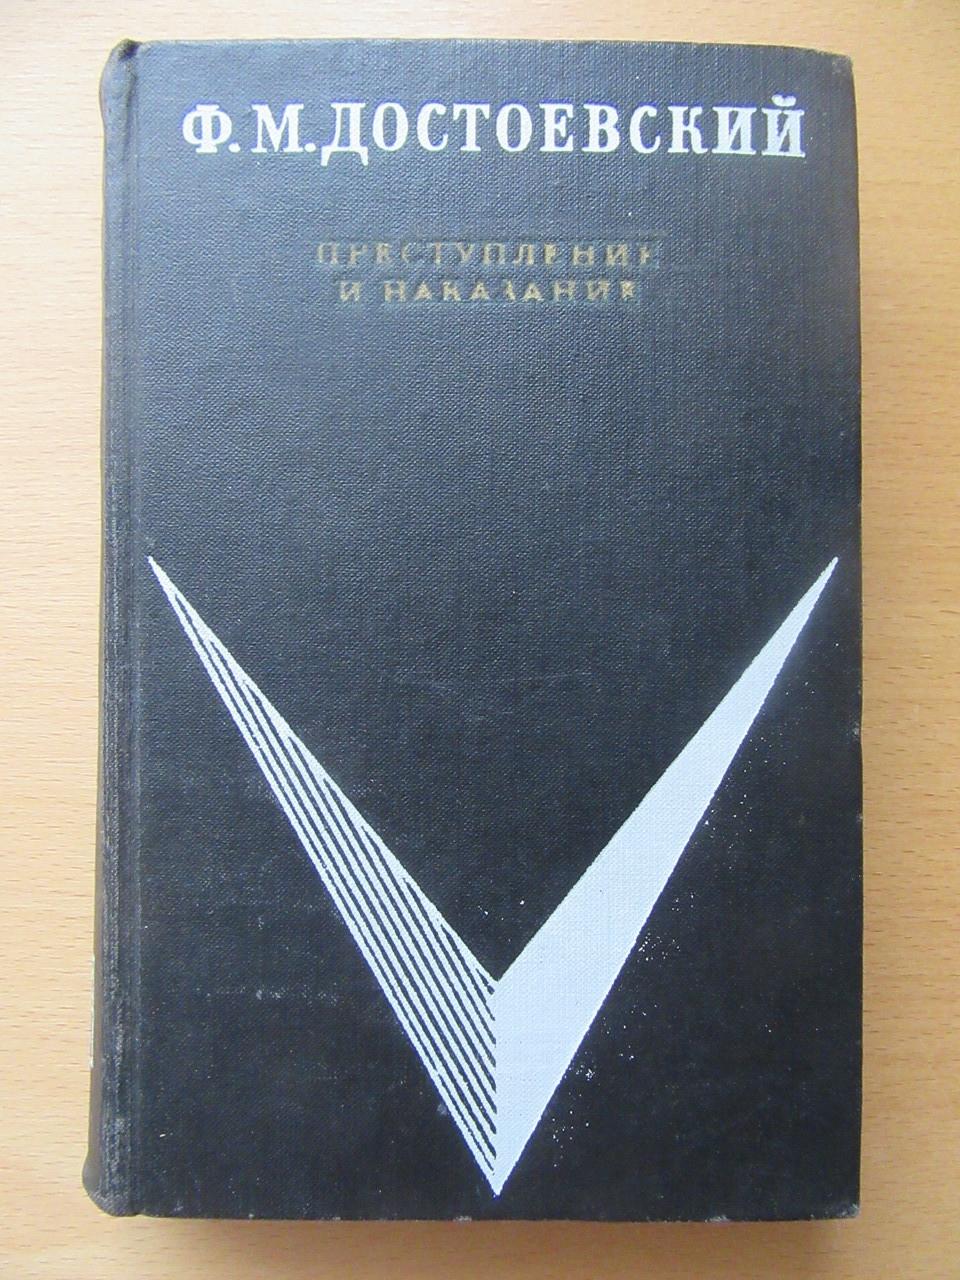 Ф.М.Достоевский. Преступление и наказание. 1970г